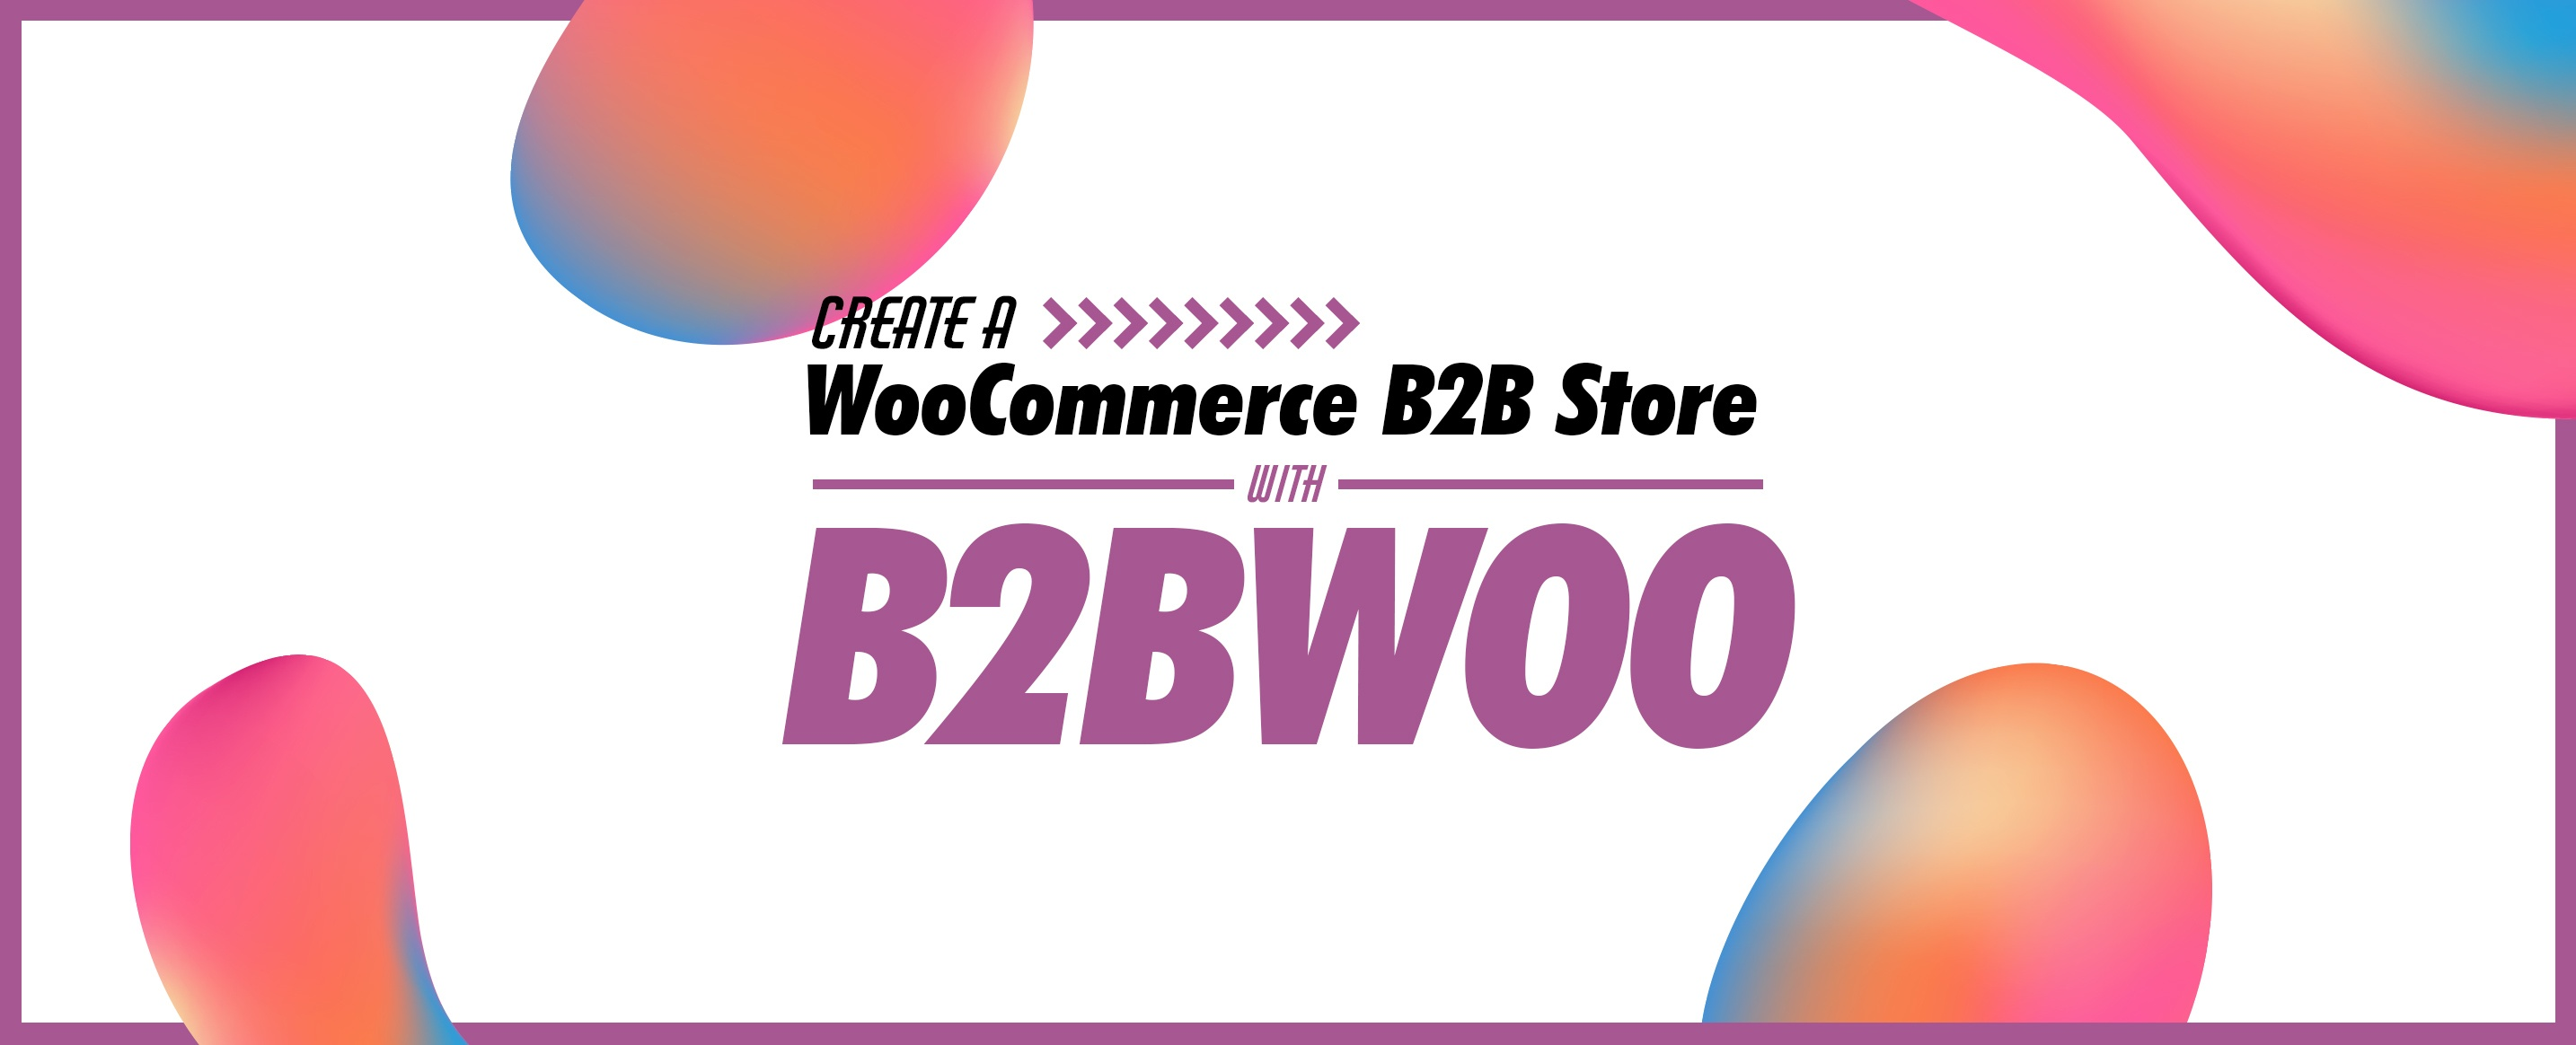 B2B Woocommerce